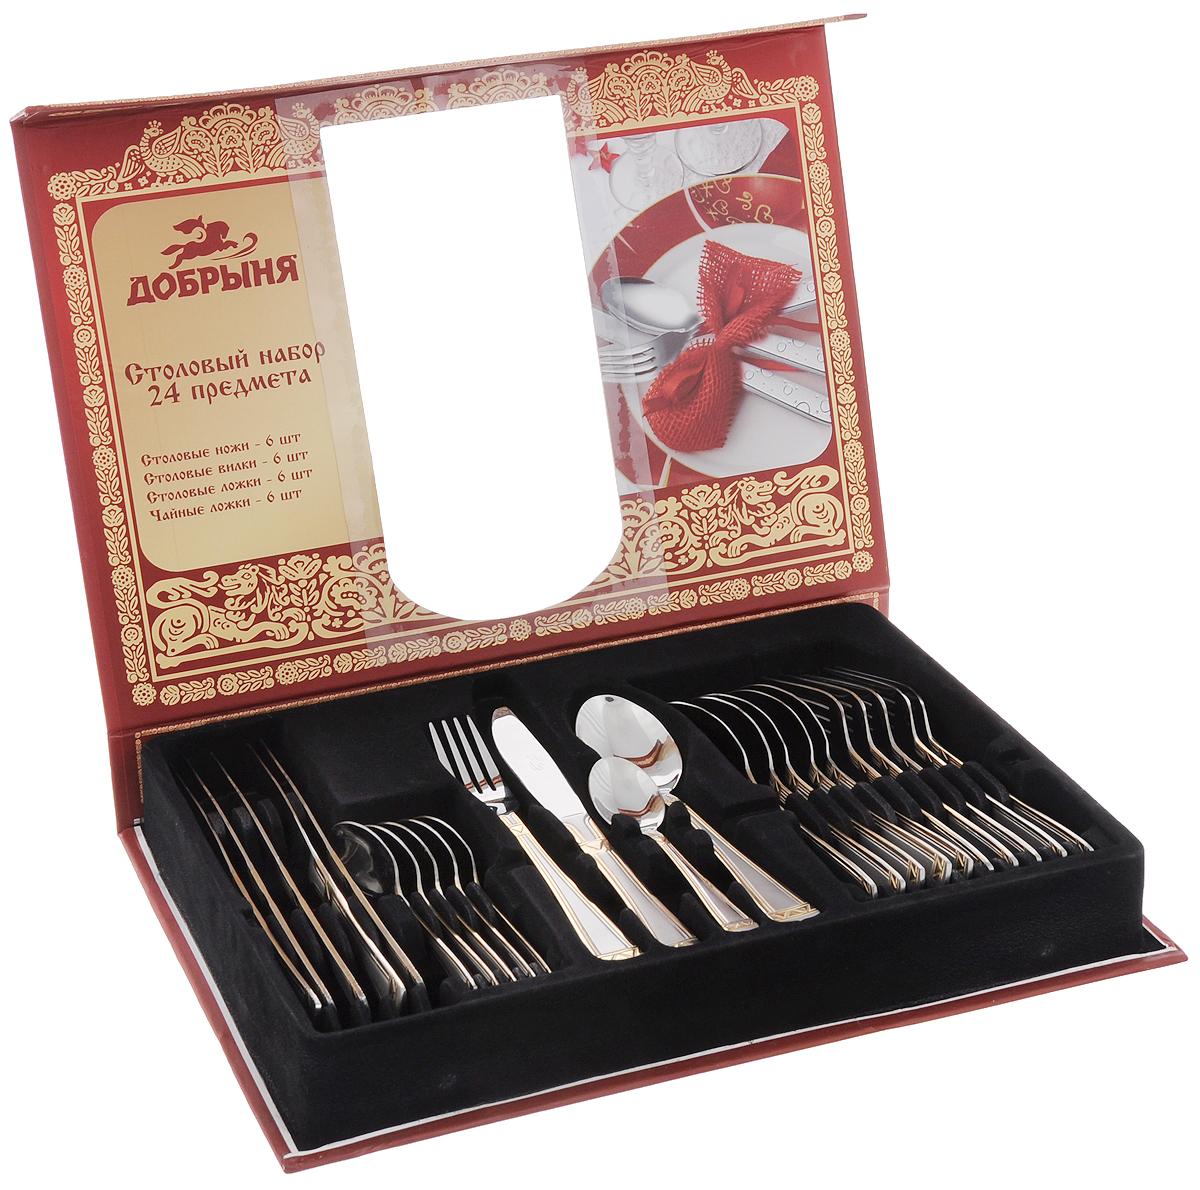 Набор столовых приборов Добрыня, 24 предмета. DO-1901DO-1901Набор Добрыня состоит из 24 предметов: 6 столовых ножей, 6 столовых ложек, 6 вилок и 6 чайных ложек. Приборы выполнены из высококачественной нержавеющей стали. Ручки приборов украшены красивым рельефным узором с матовым покрытием и золотистой окантовкой. Прекрасное сочетание контрастного дизайна и удобство использования изделий придется по душе каждому. Набор столовых приборов Добрыня подойдет для сервировки стола как дома, так и на даче и всегда будет важной частью трапезы, а также станет замечательным подарком. Можно мыть в посудомоечной машине. Длина ножа: 21,5 см. Длина лезвия ножа: 9,5 см. Длина столовой ложки: 20 см. Размер рабочей части столовой ложки: 6,5 х 4 см. Длина вилки: 21 см. Размер рабочей части вилки: 5 х 2,5 см. Длина чайной ложки: 14,5 см. Размер рабочей части чайной ложки: 4,5 х 2,5 см.